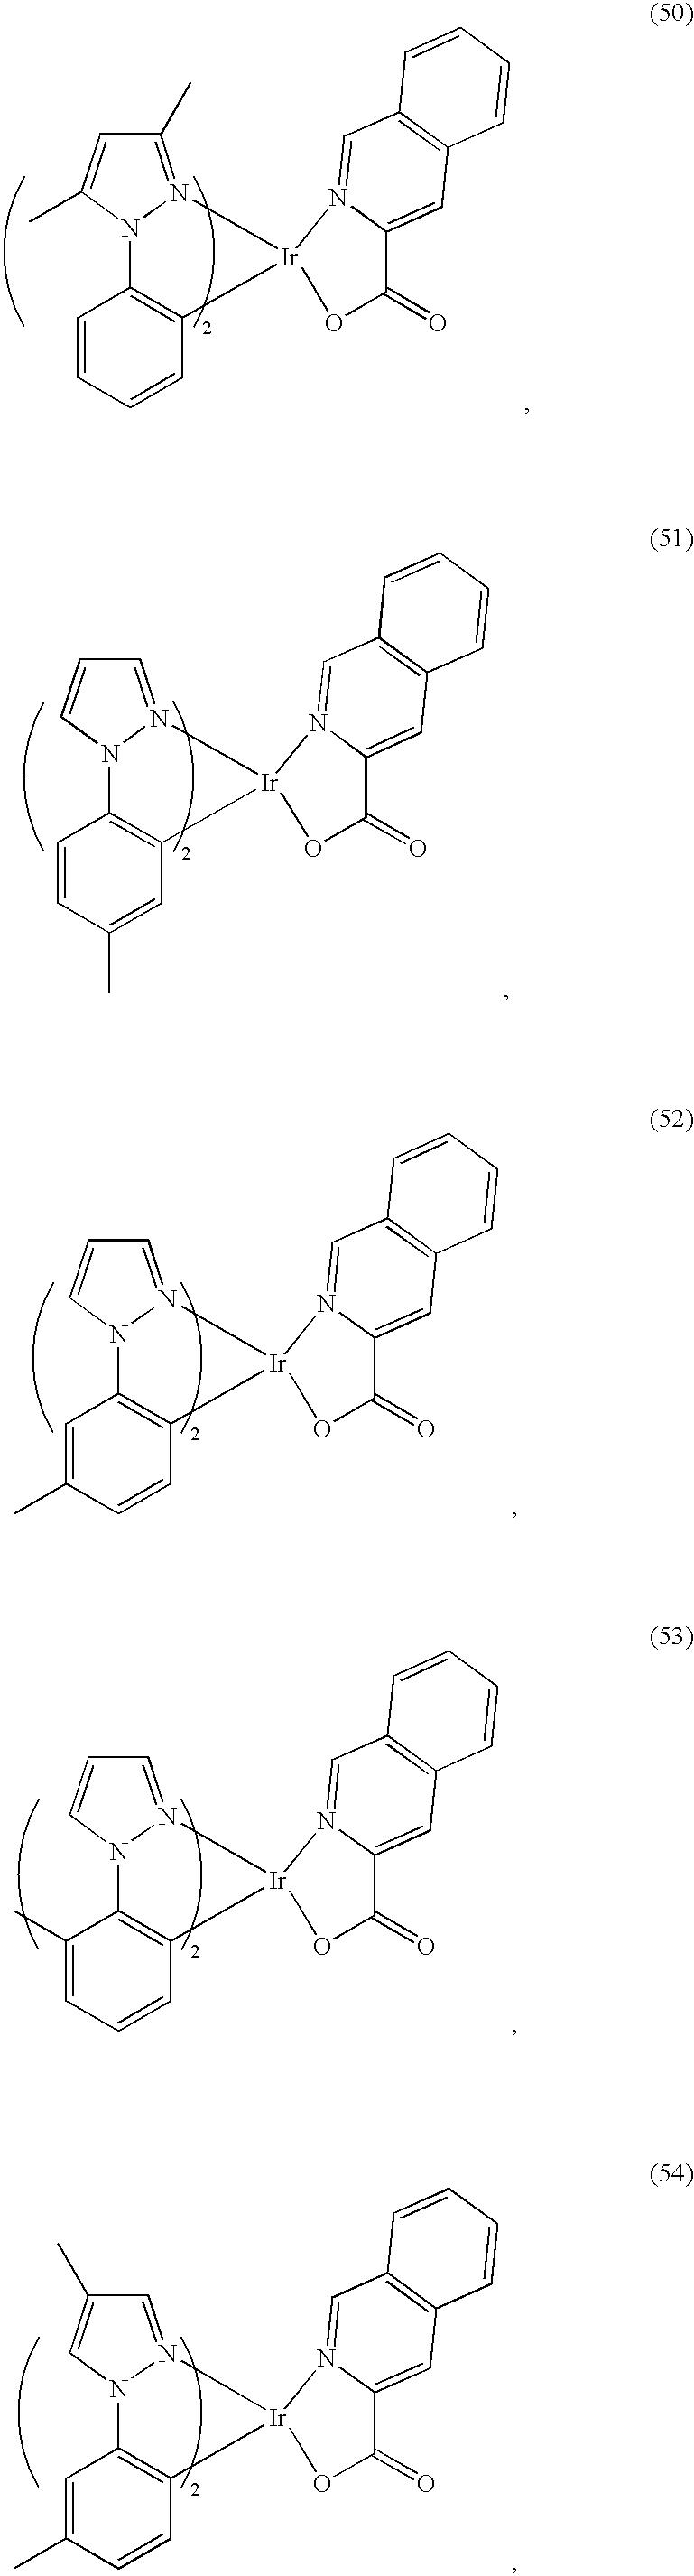 Figure US20050031903A1-20050210-C00024